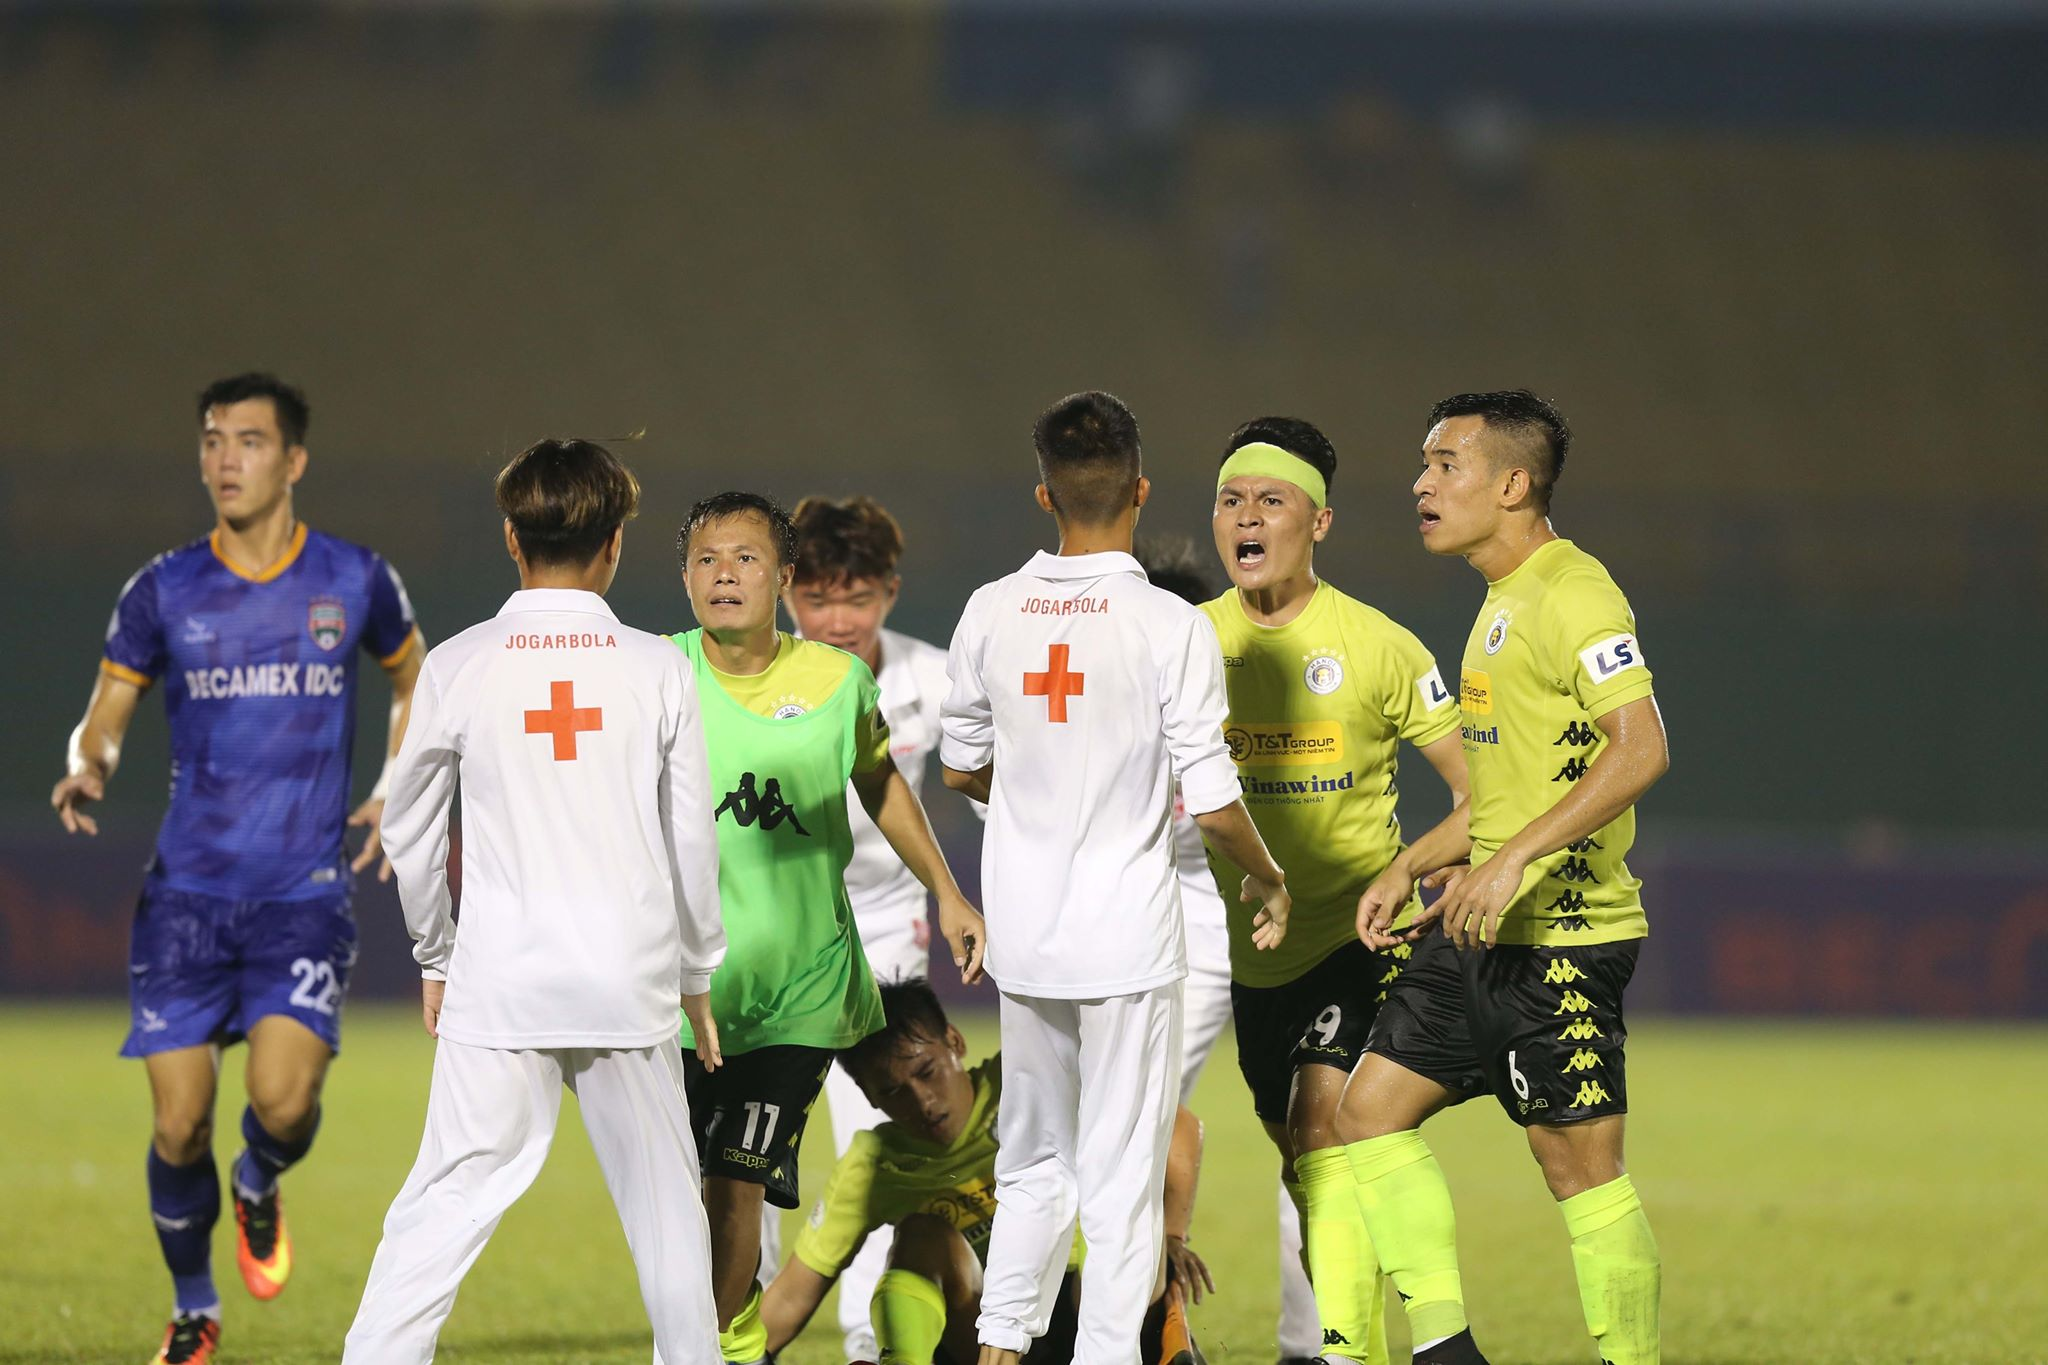 Thành Lương chạy vào sân để chỉ bảo đàn em khiêng cáng trước hành động không đẹp với đồng đội - Ảnh: Quốc An